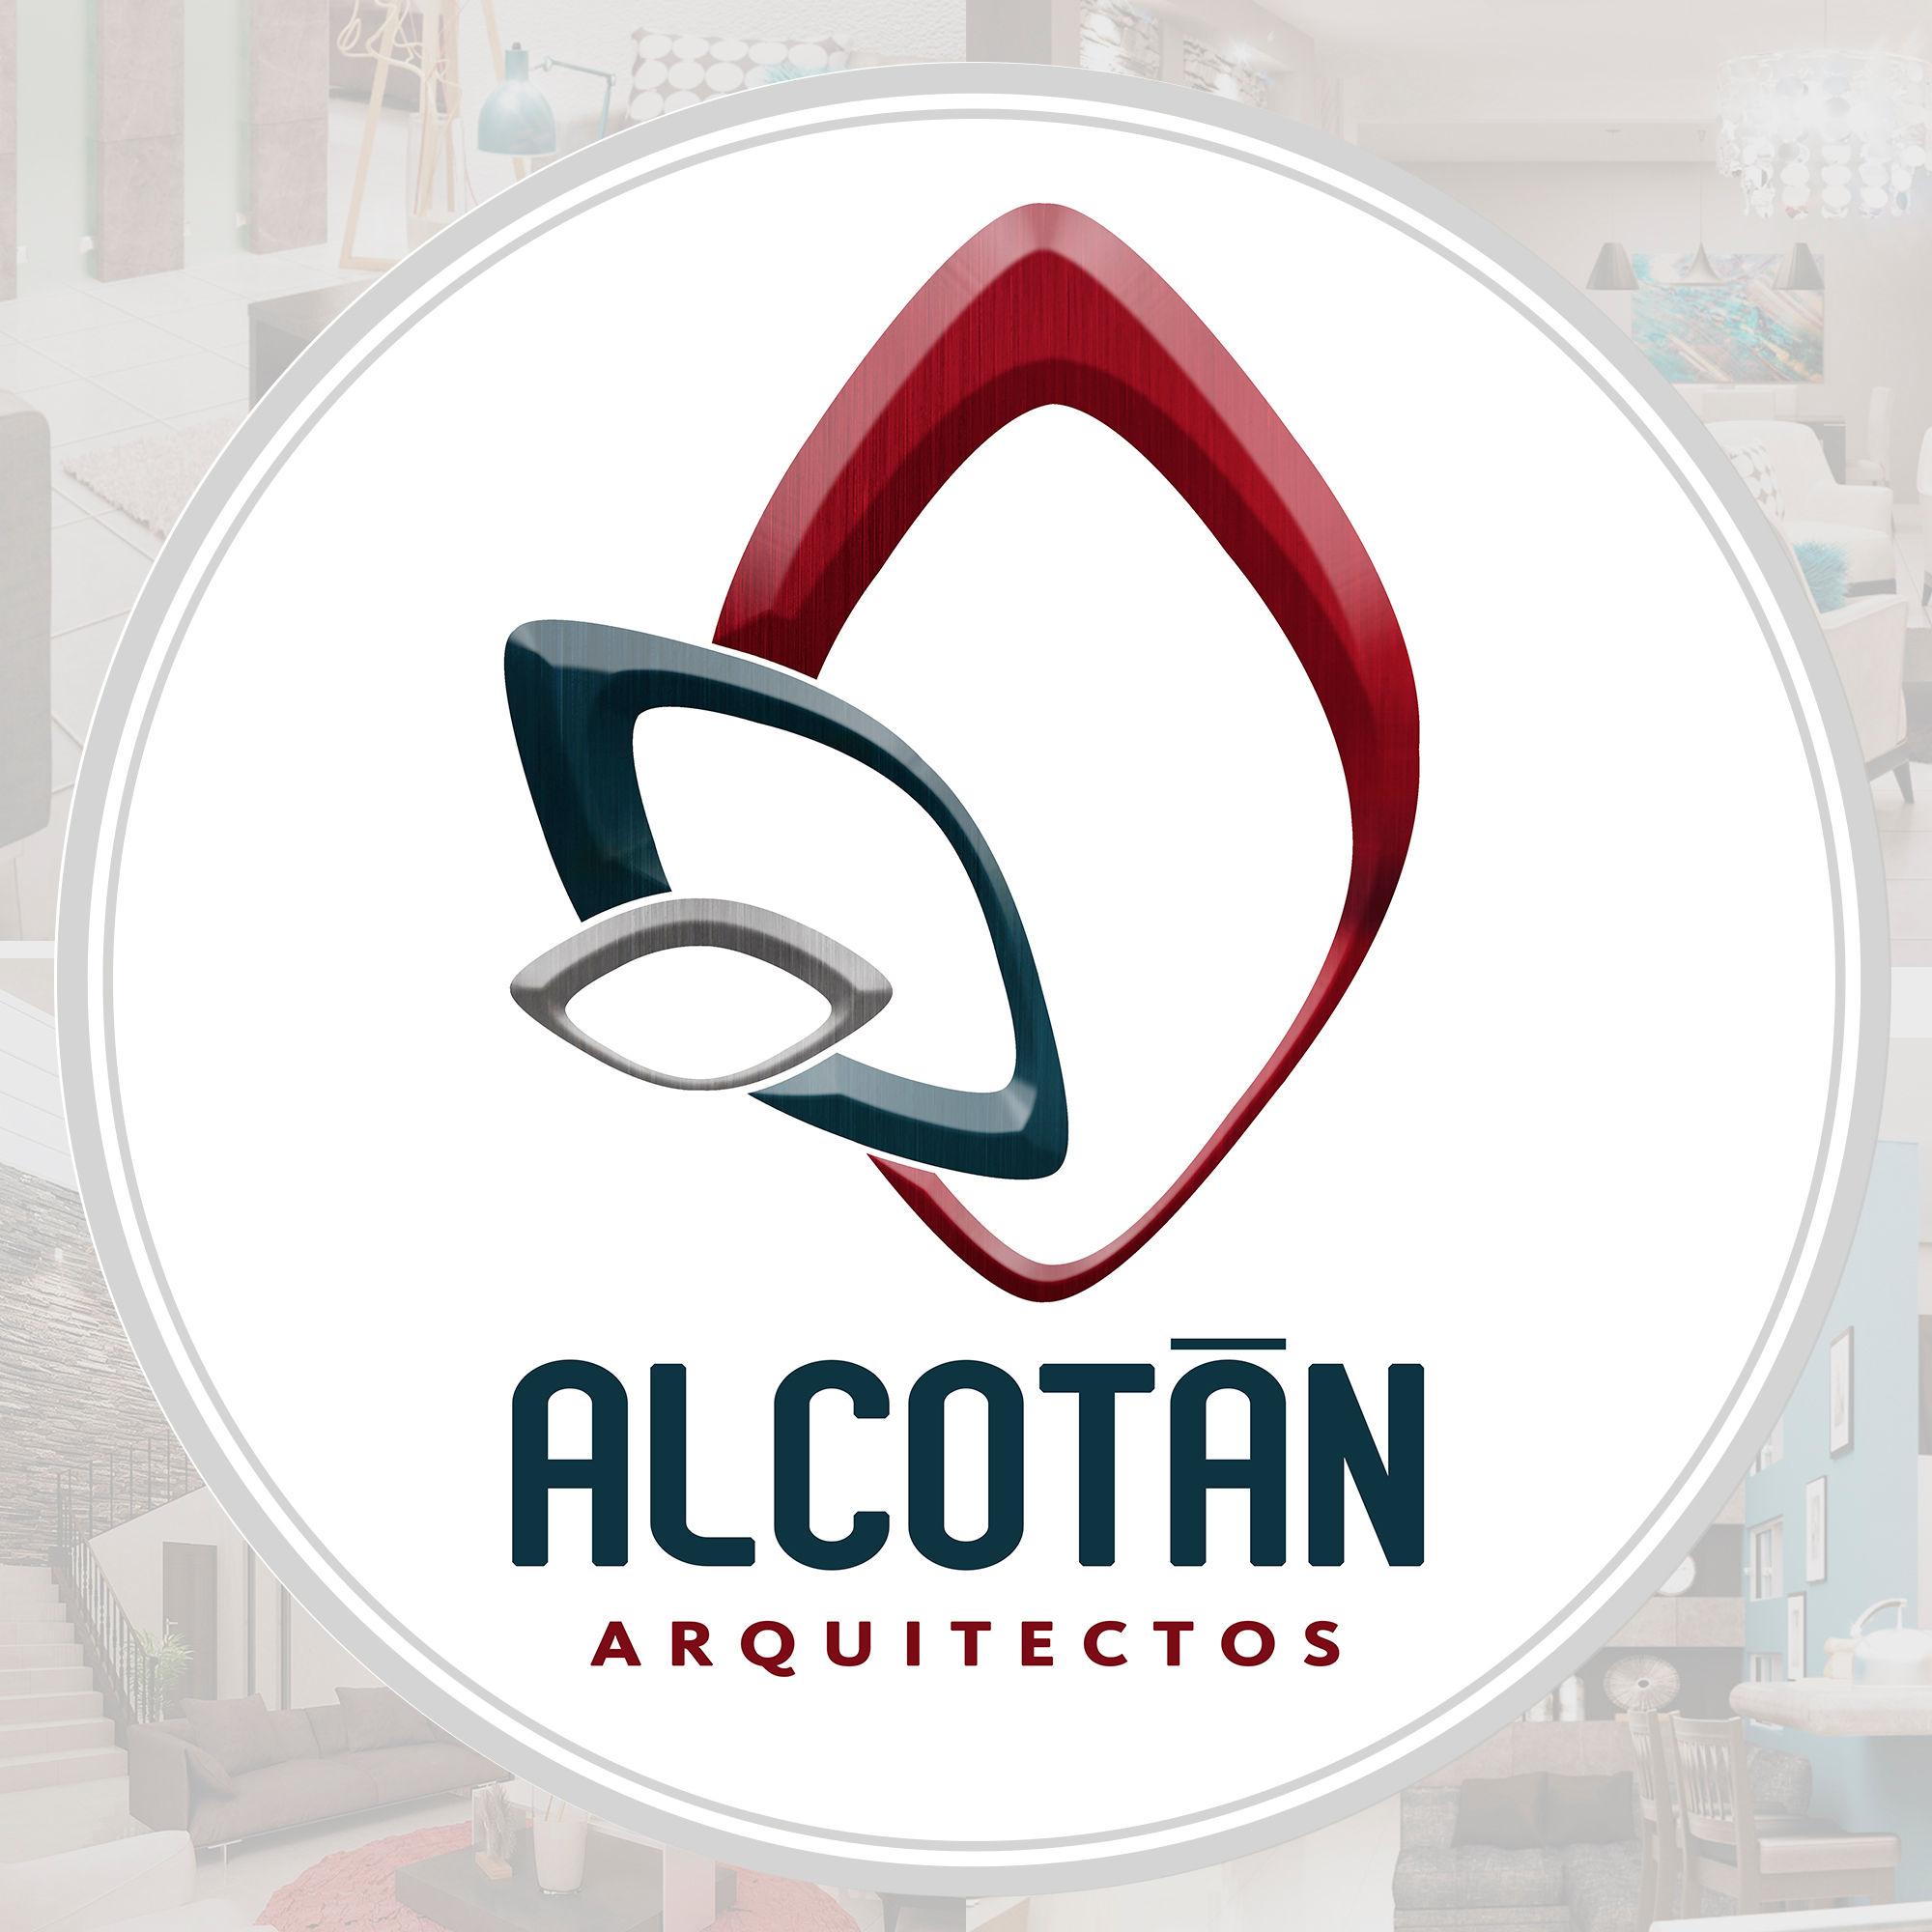 ALCOTÁN Arquitectos